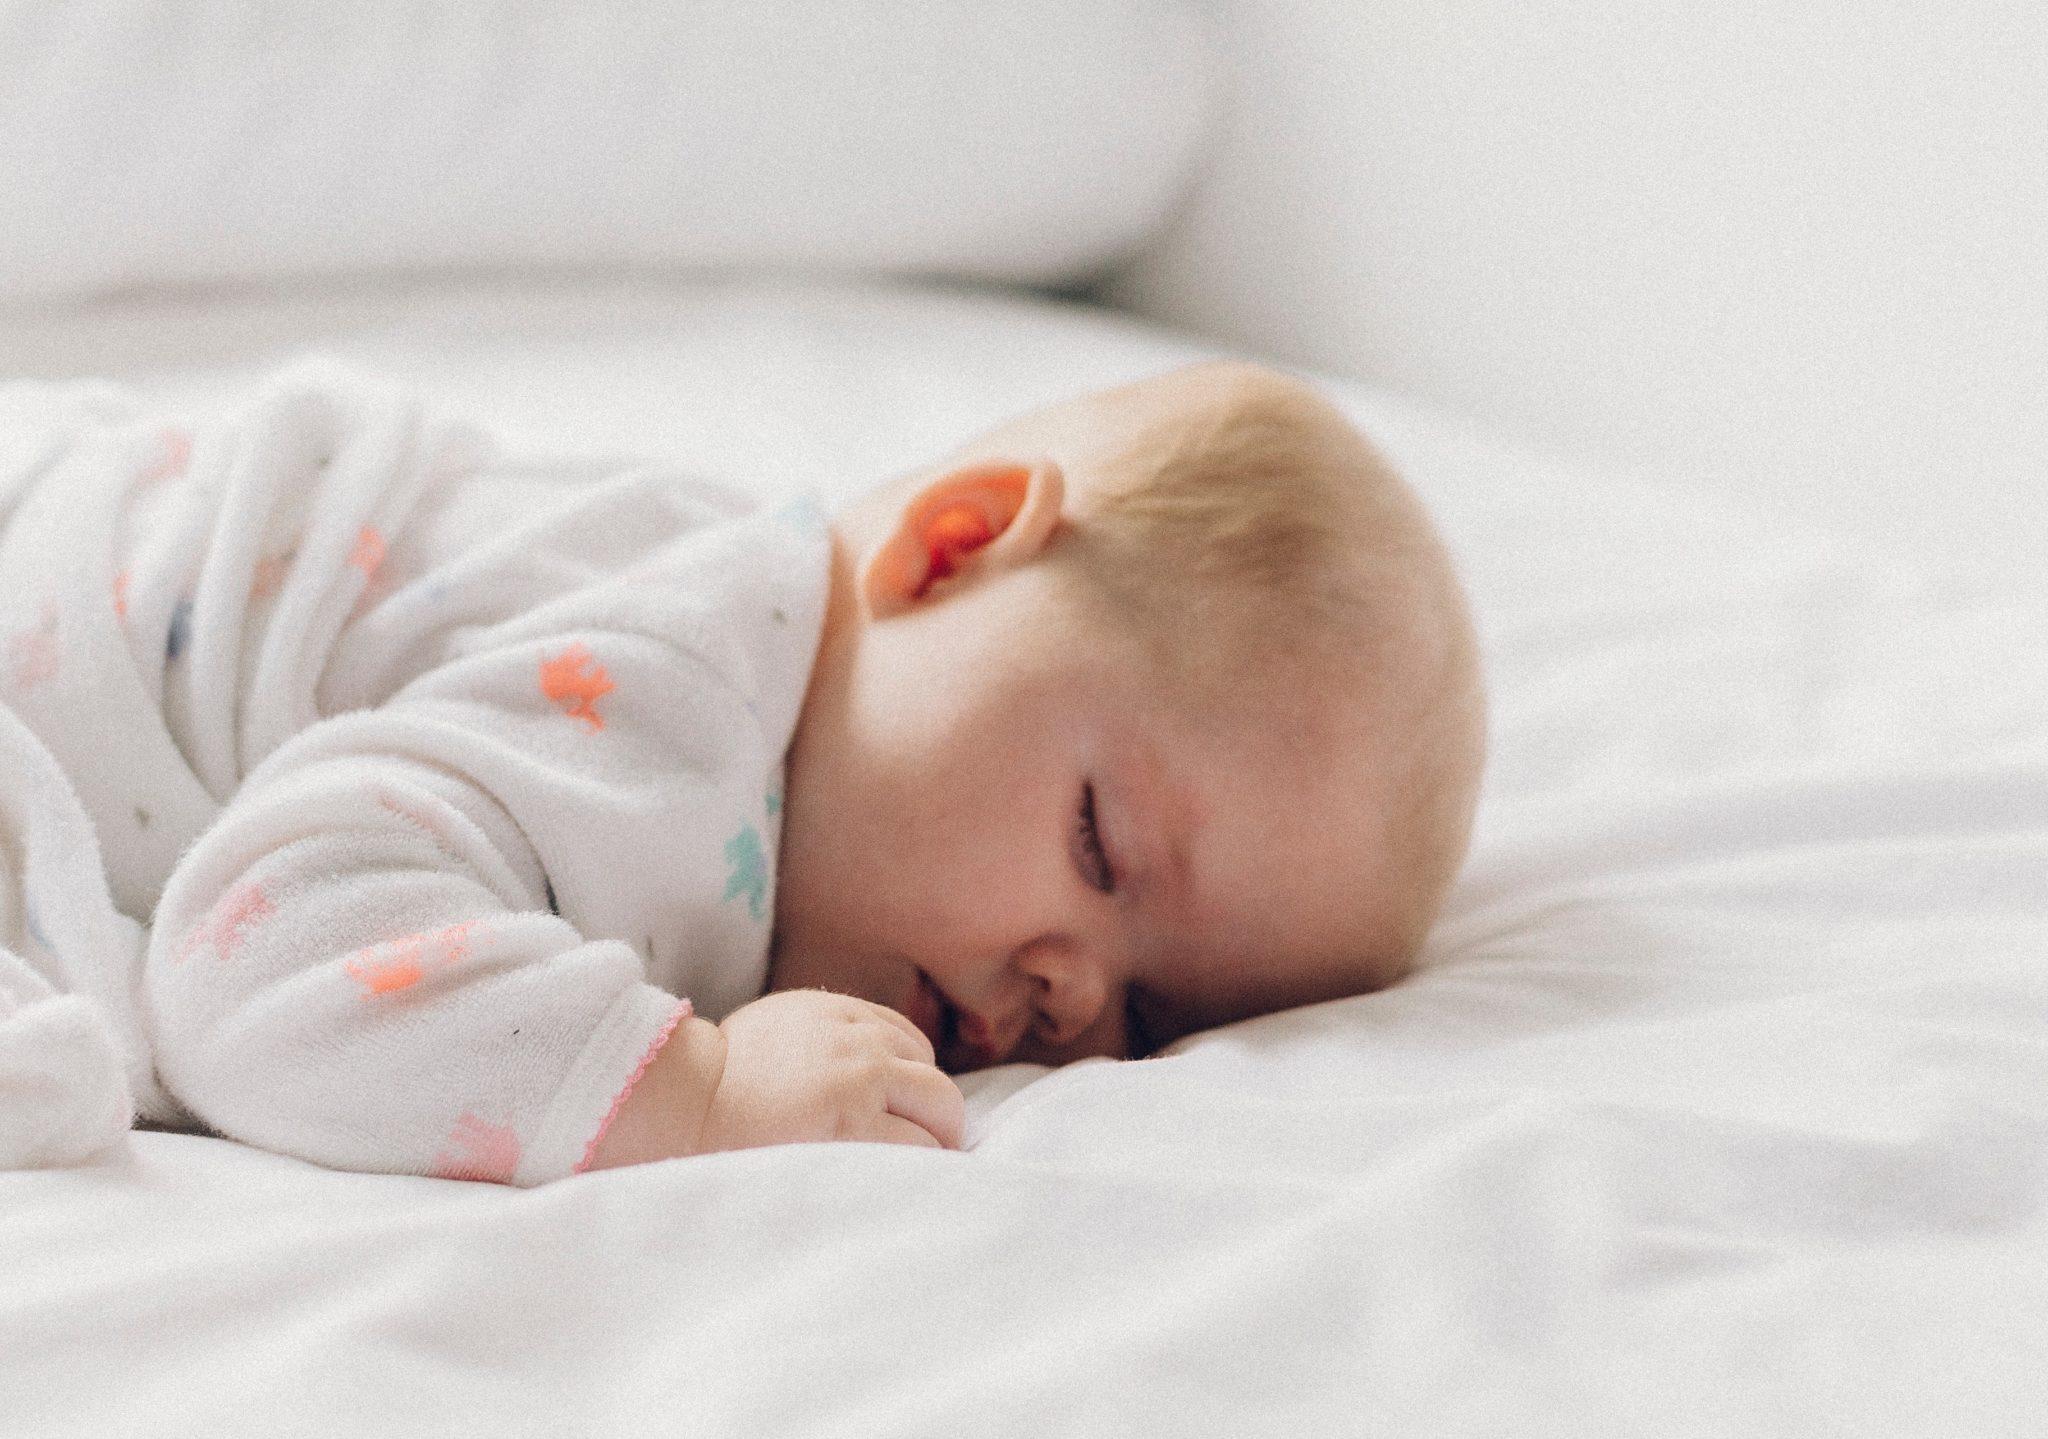 Если ребенок тяжело дышит по ночам: как помочь?